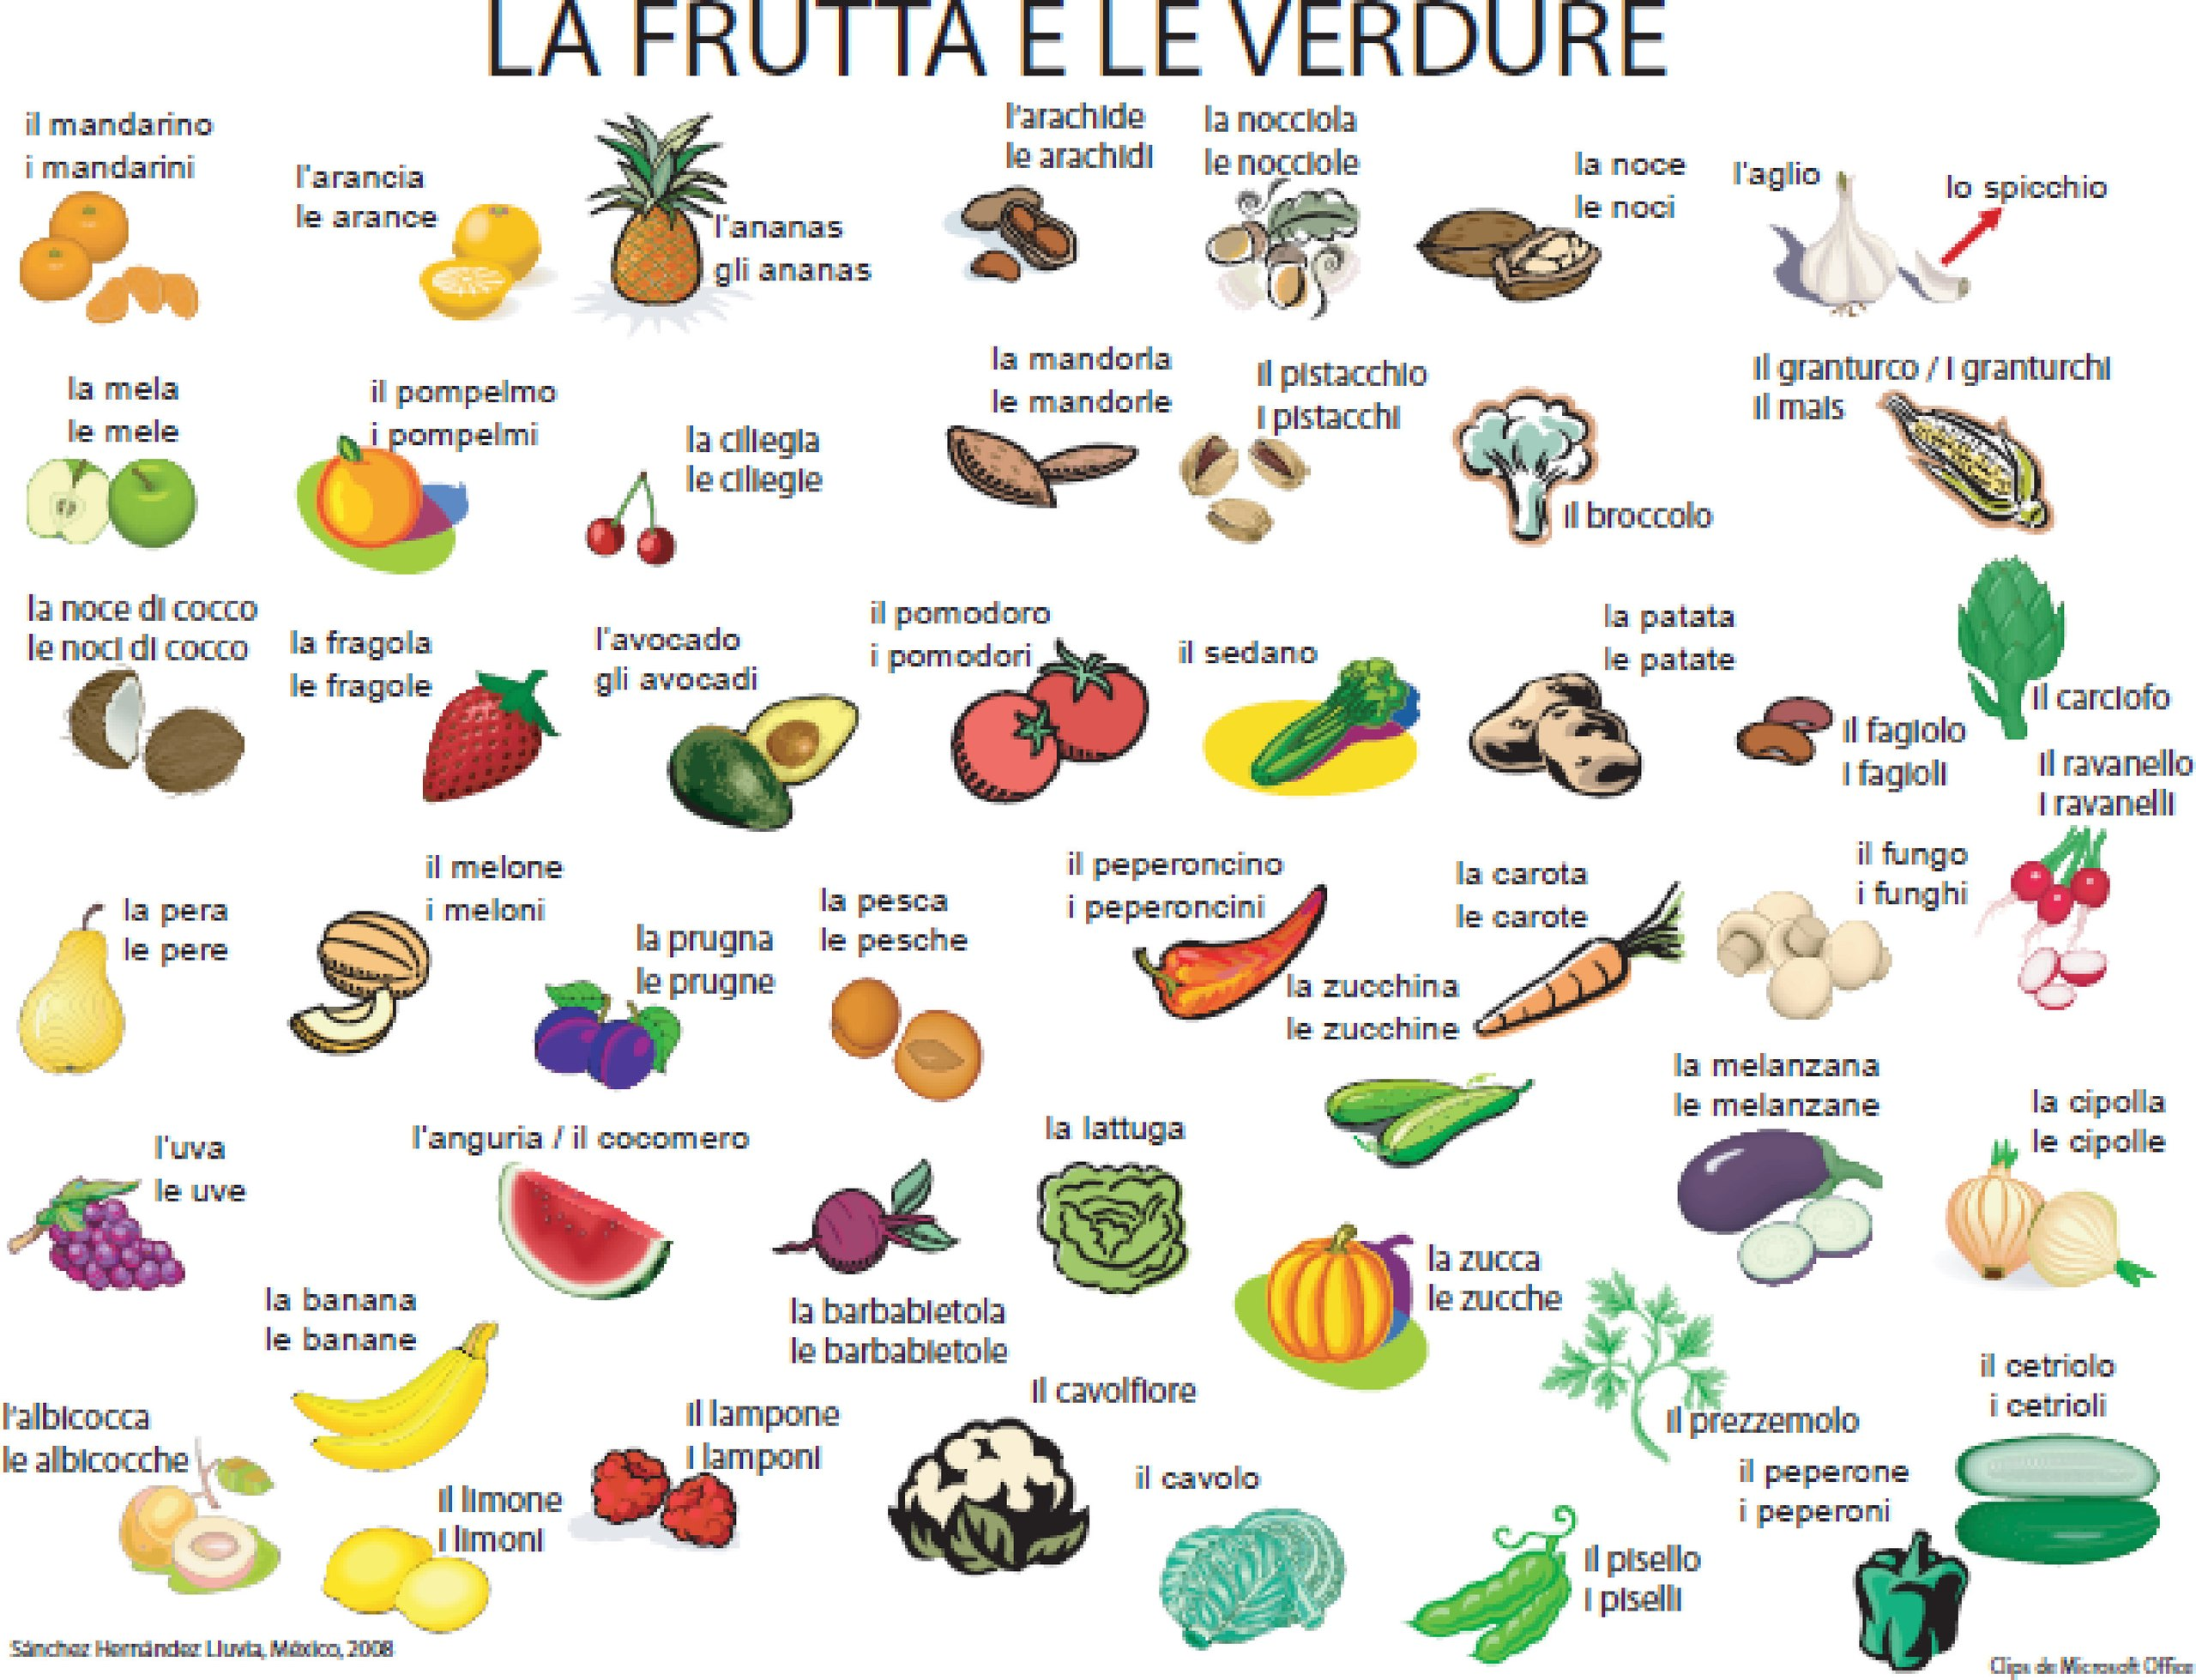 Изучение итальянского языка - свеженькая тема - страница 35 - форум в италии - неаполь по-славянски.